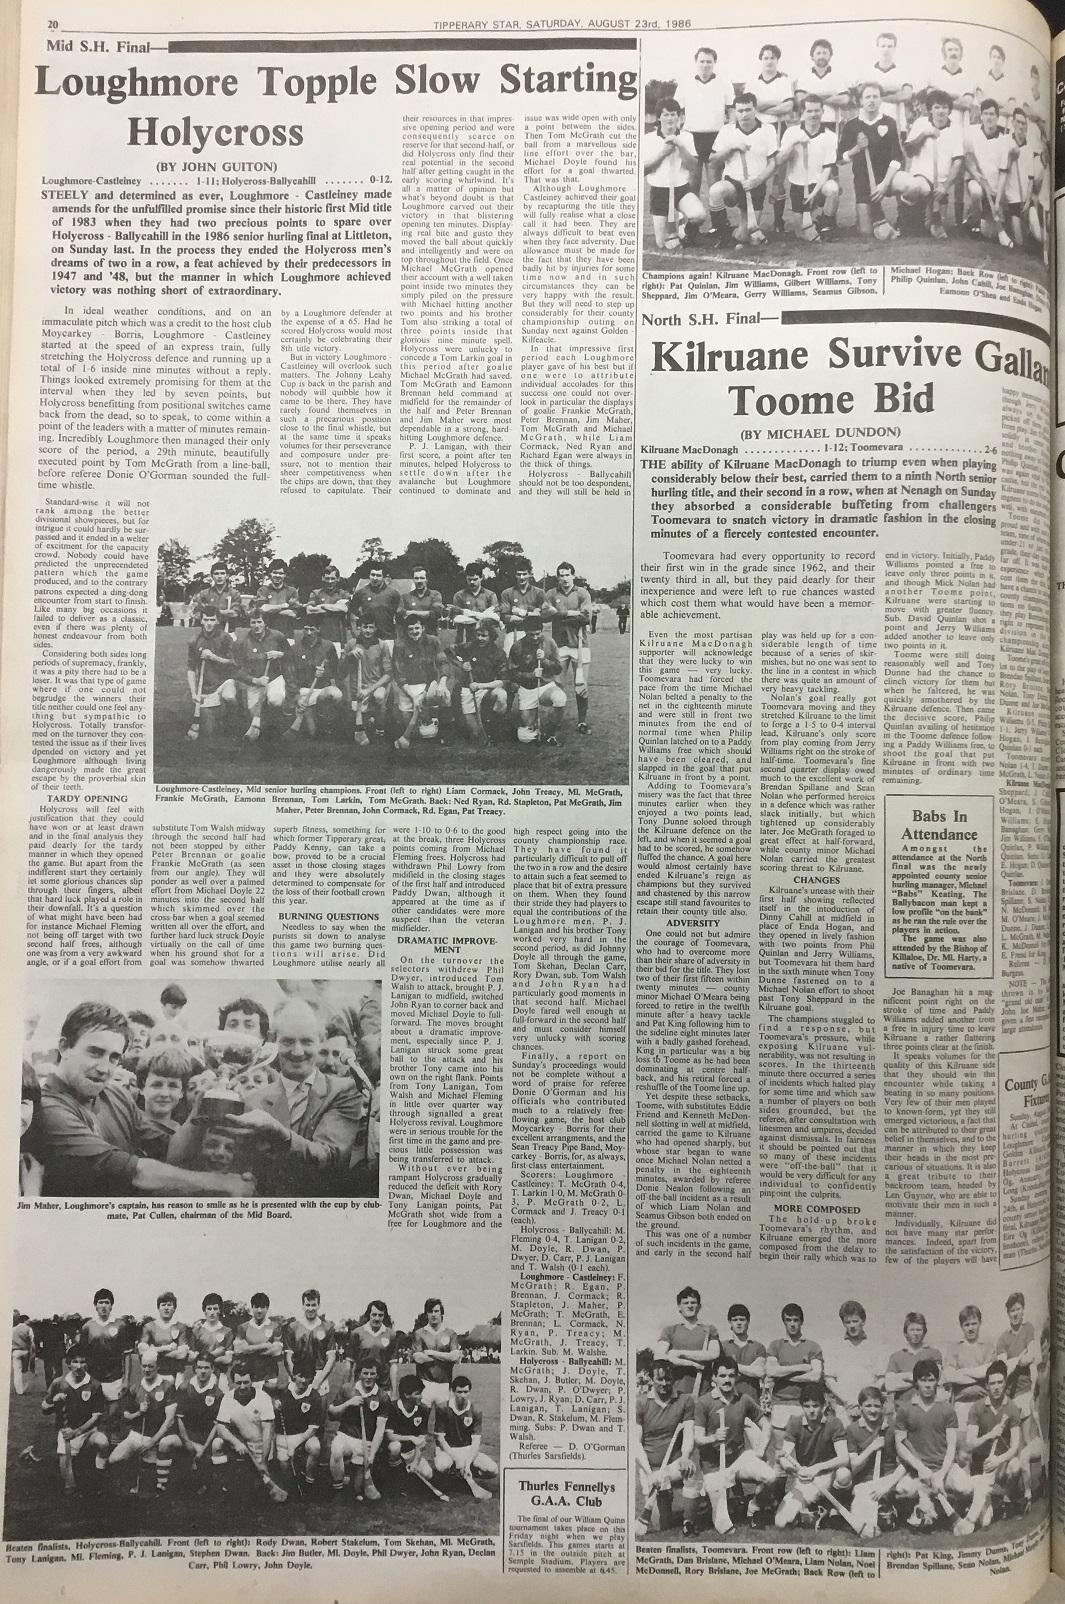 1986 Mid hurling final